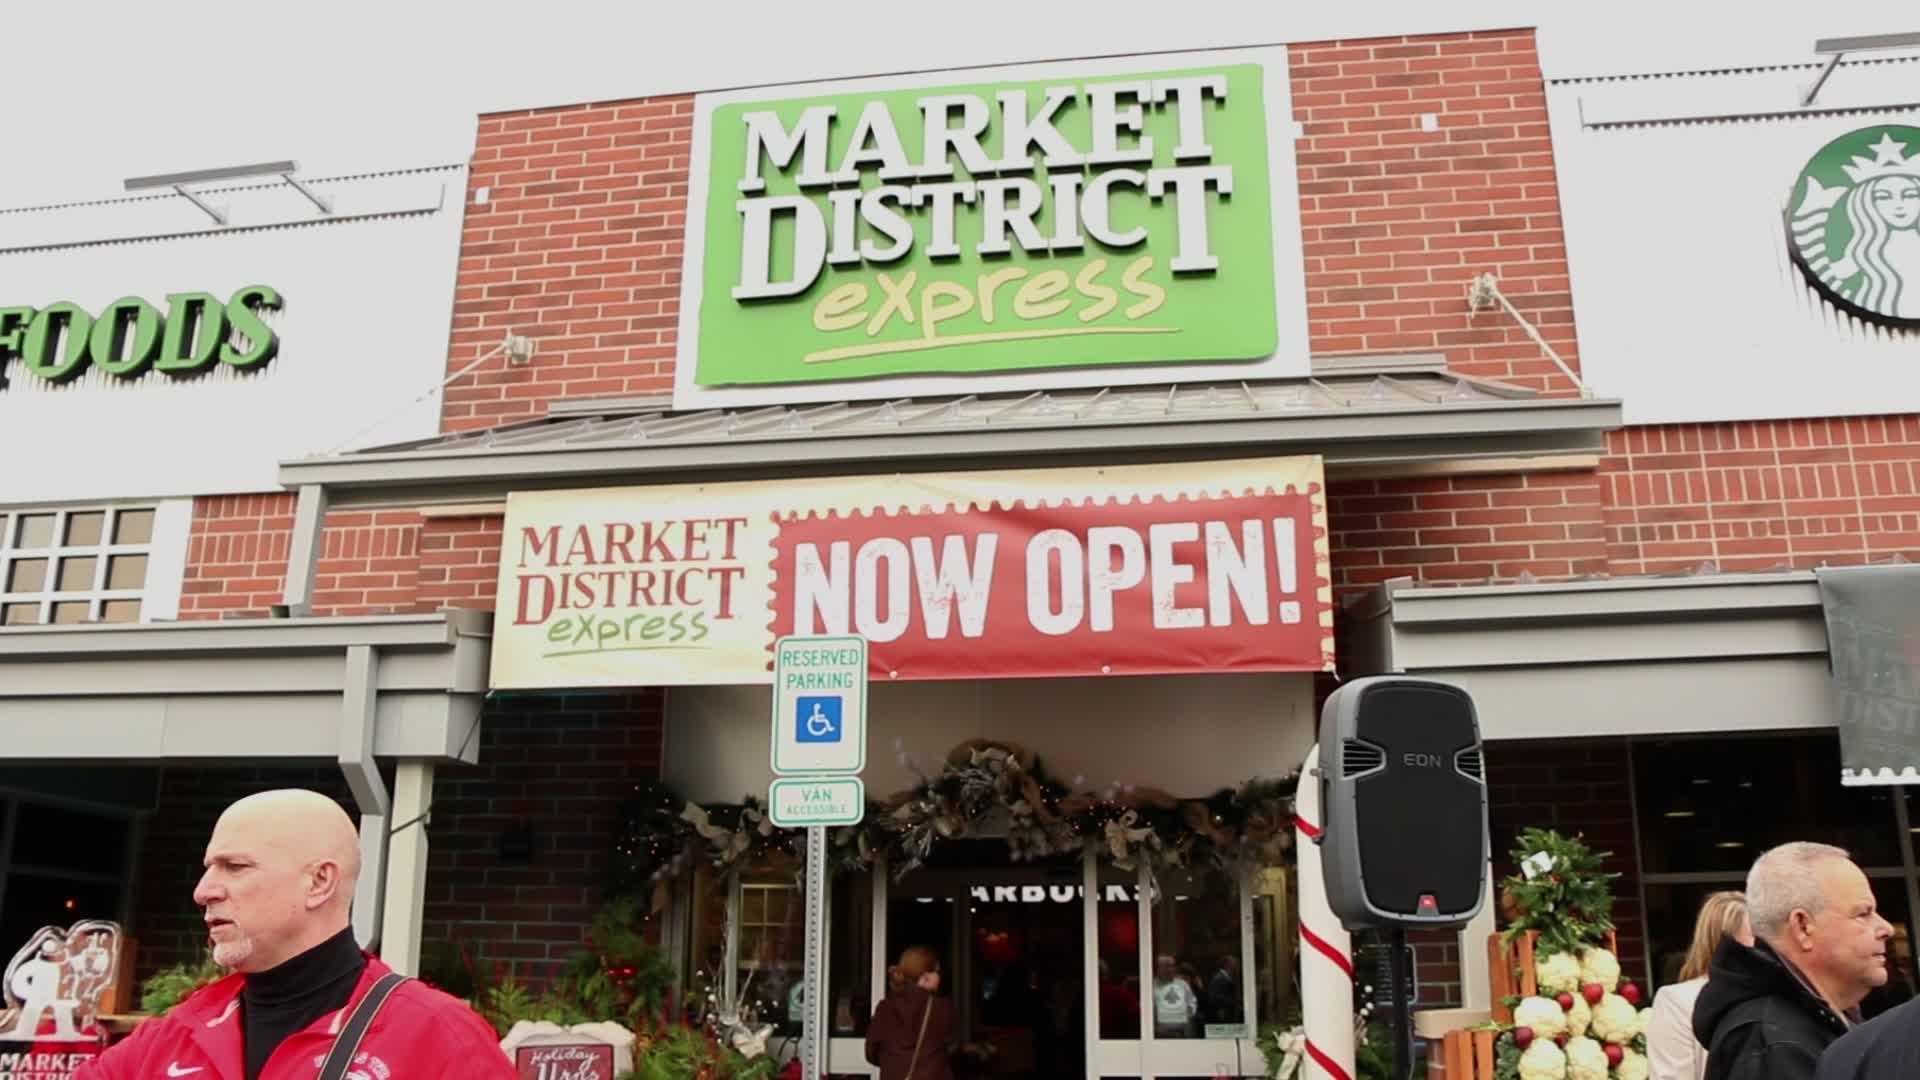 Market District Express